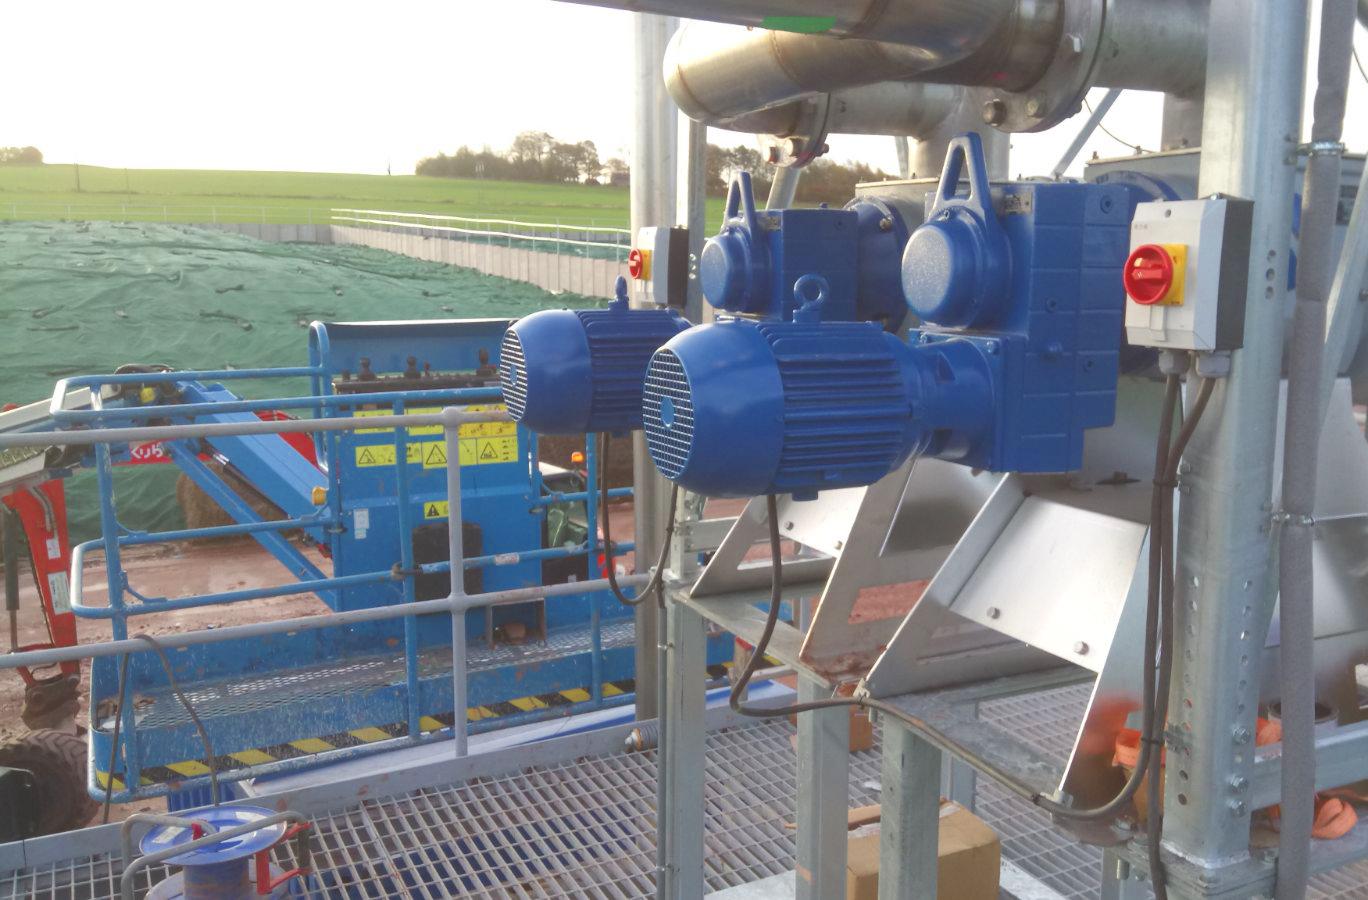 01 Instalación de Separadores y Plataforma-Planta de Biogás de 1MW en Stracathro Reino Unido